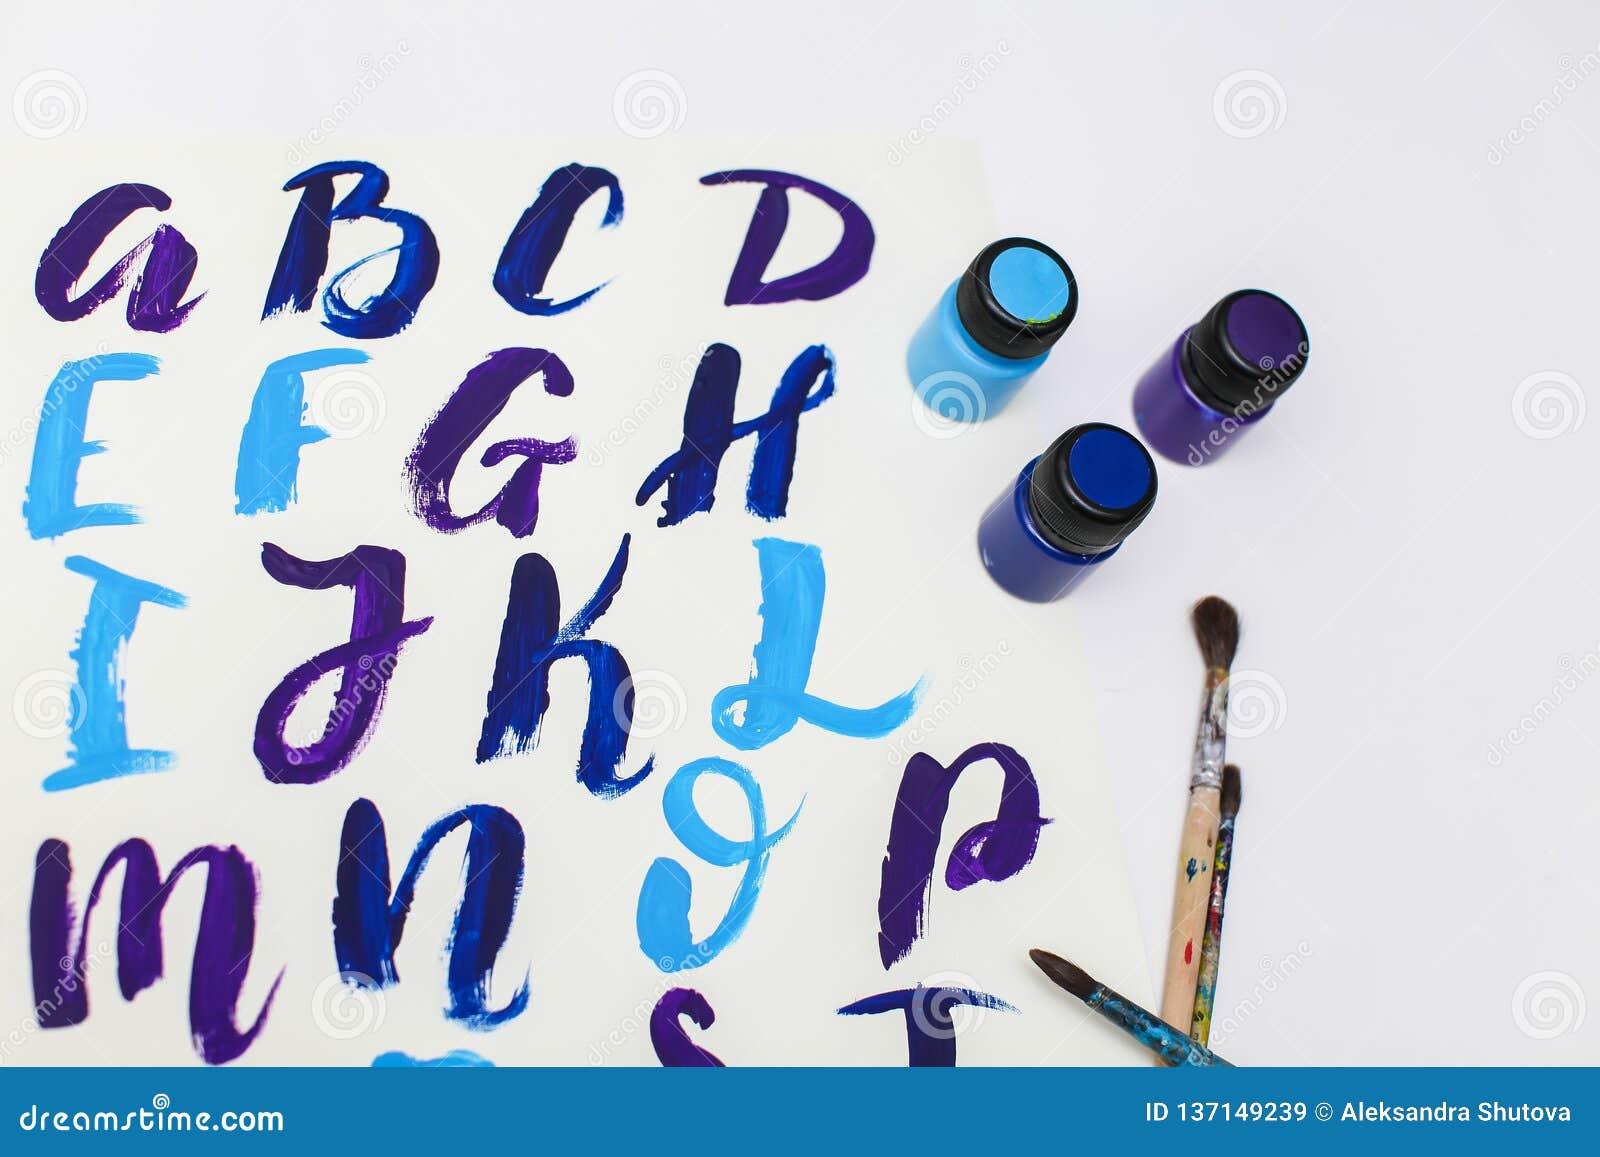 Caligrafia que rotula o alfabeto tirado com escova seca Letras de ABC inglês escritas com escova de pintura